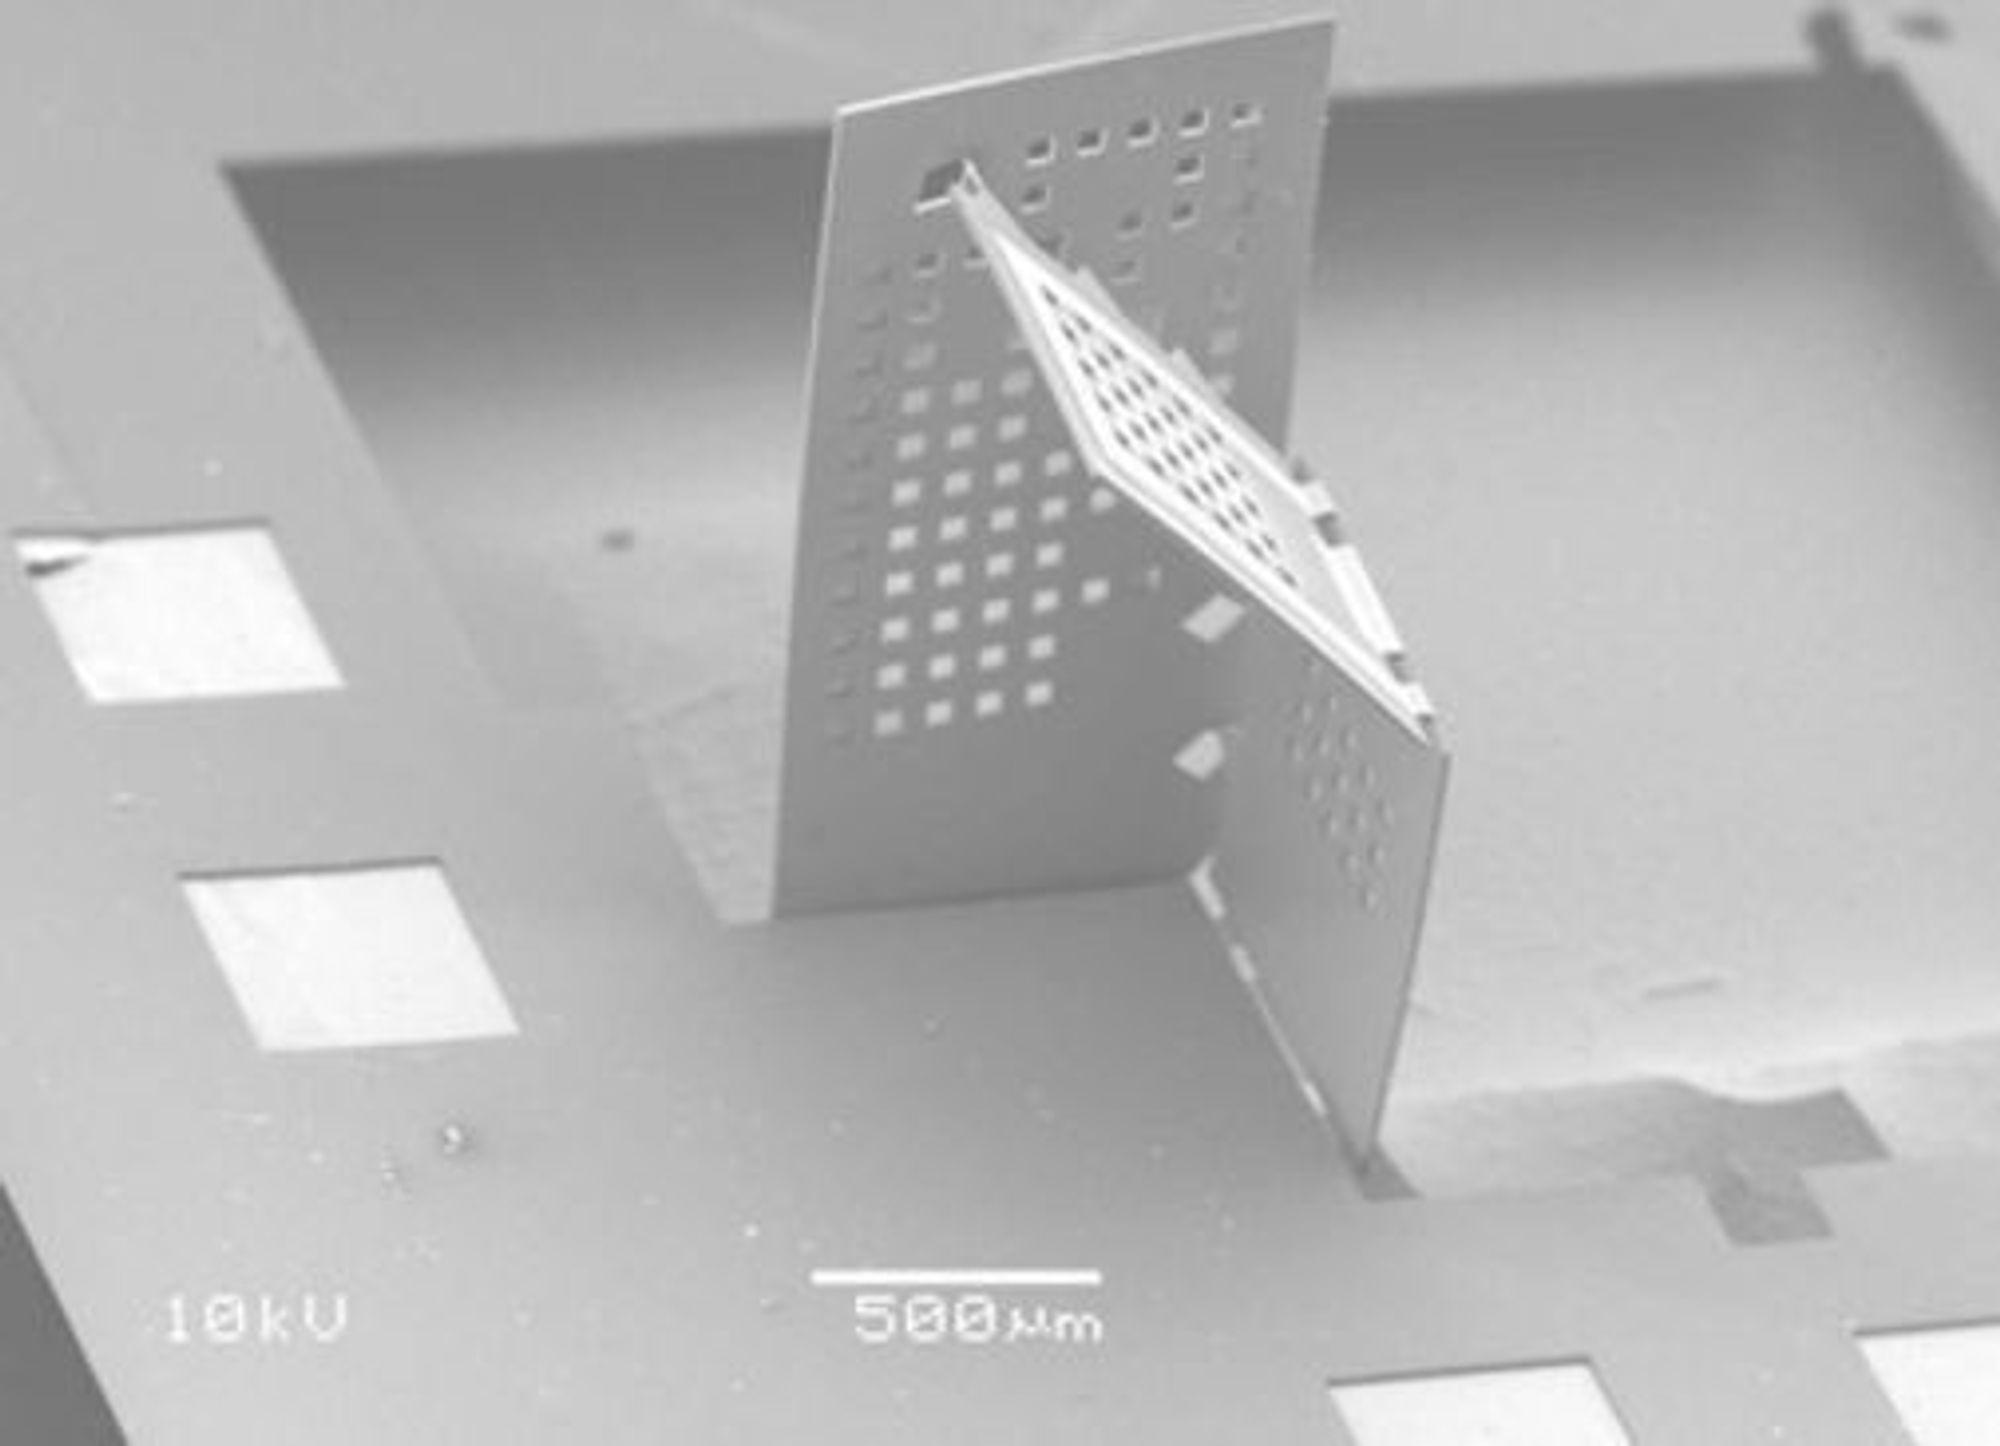 Forskere fra MIT har utviklet en metode for bygge enkle 3D-strukturer ved å brette syntetiske polymermaterialer i nano- og mikroskala. (Foto: Nader Shaar)